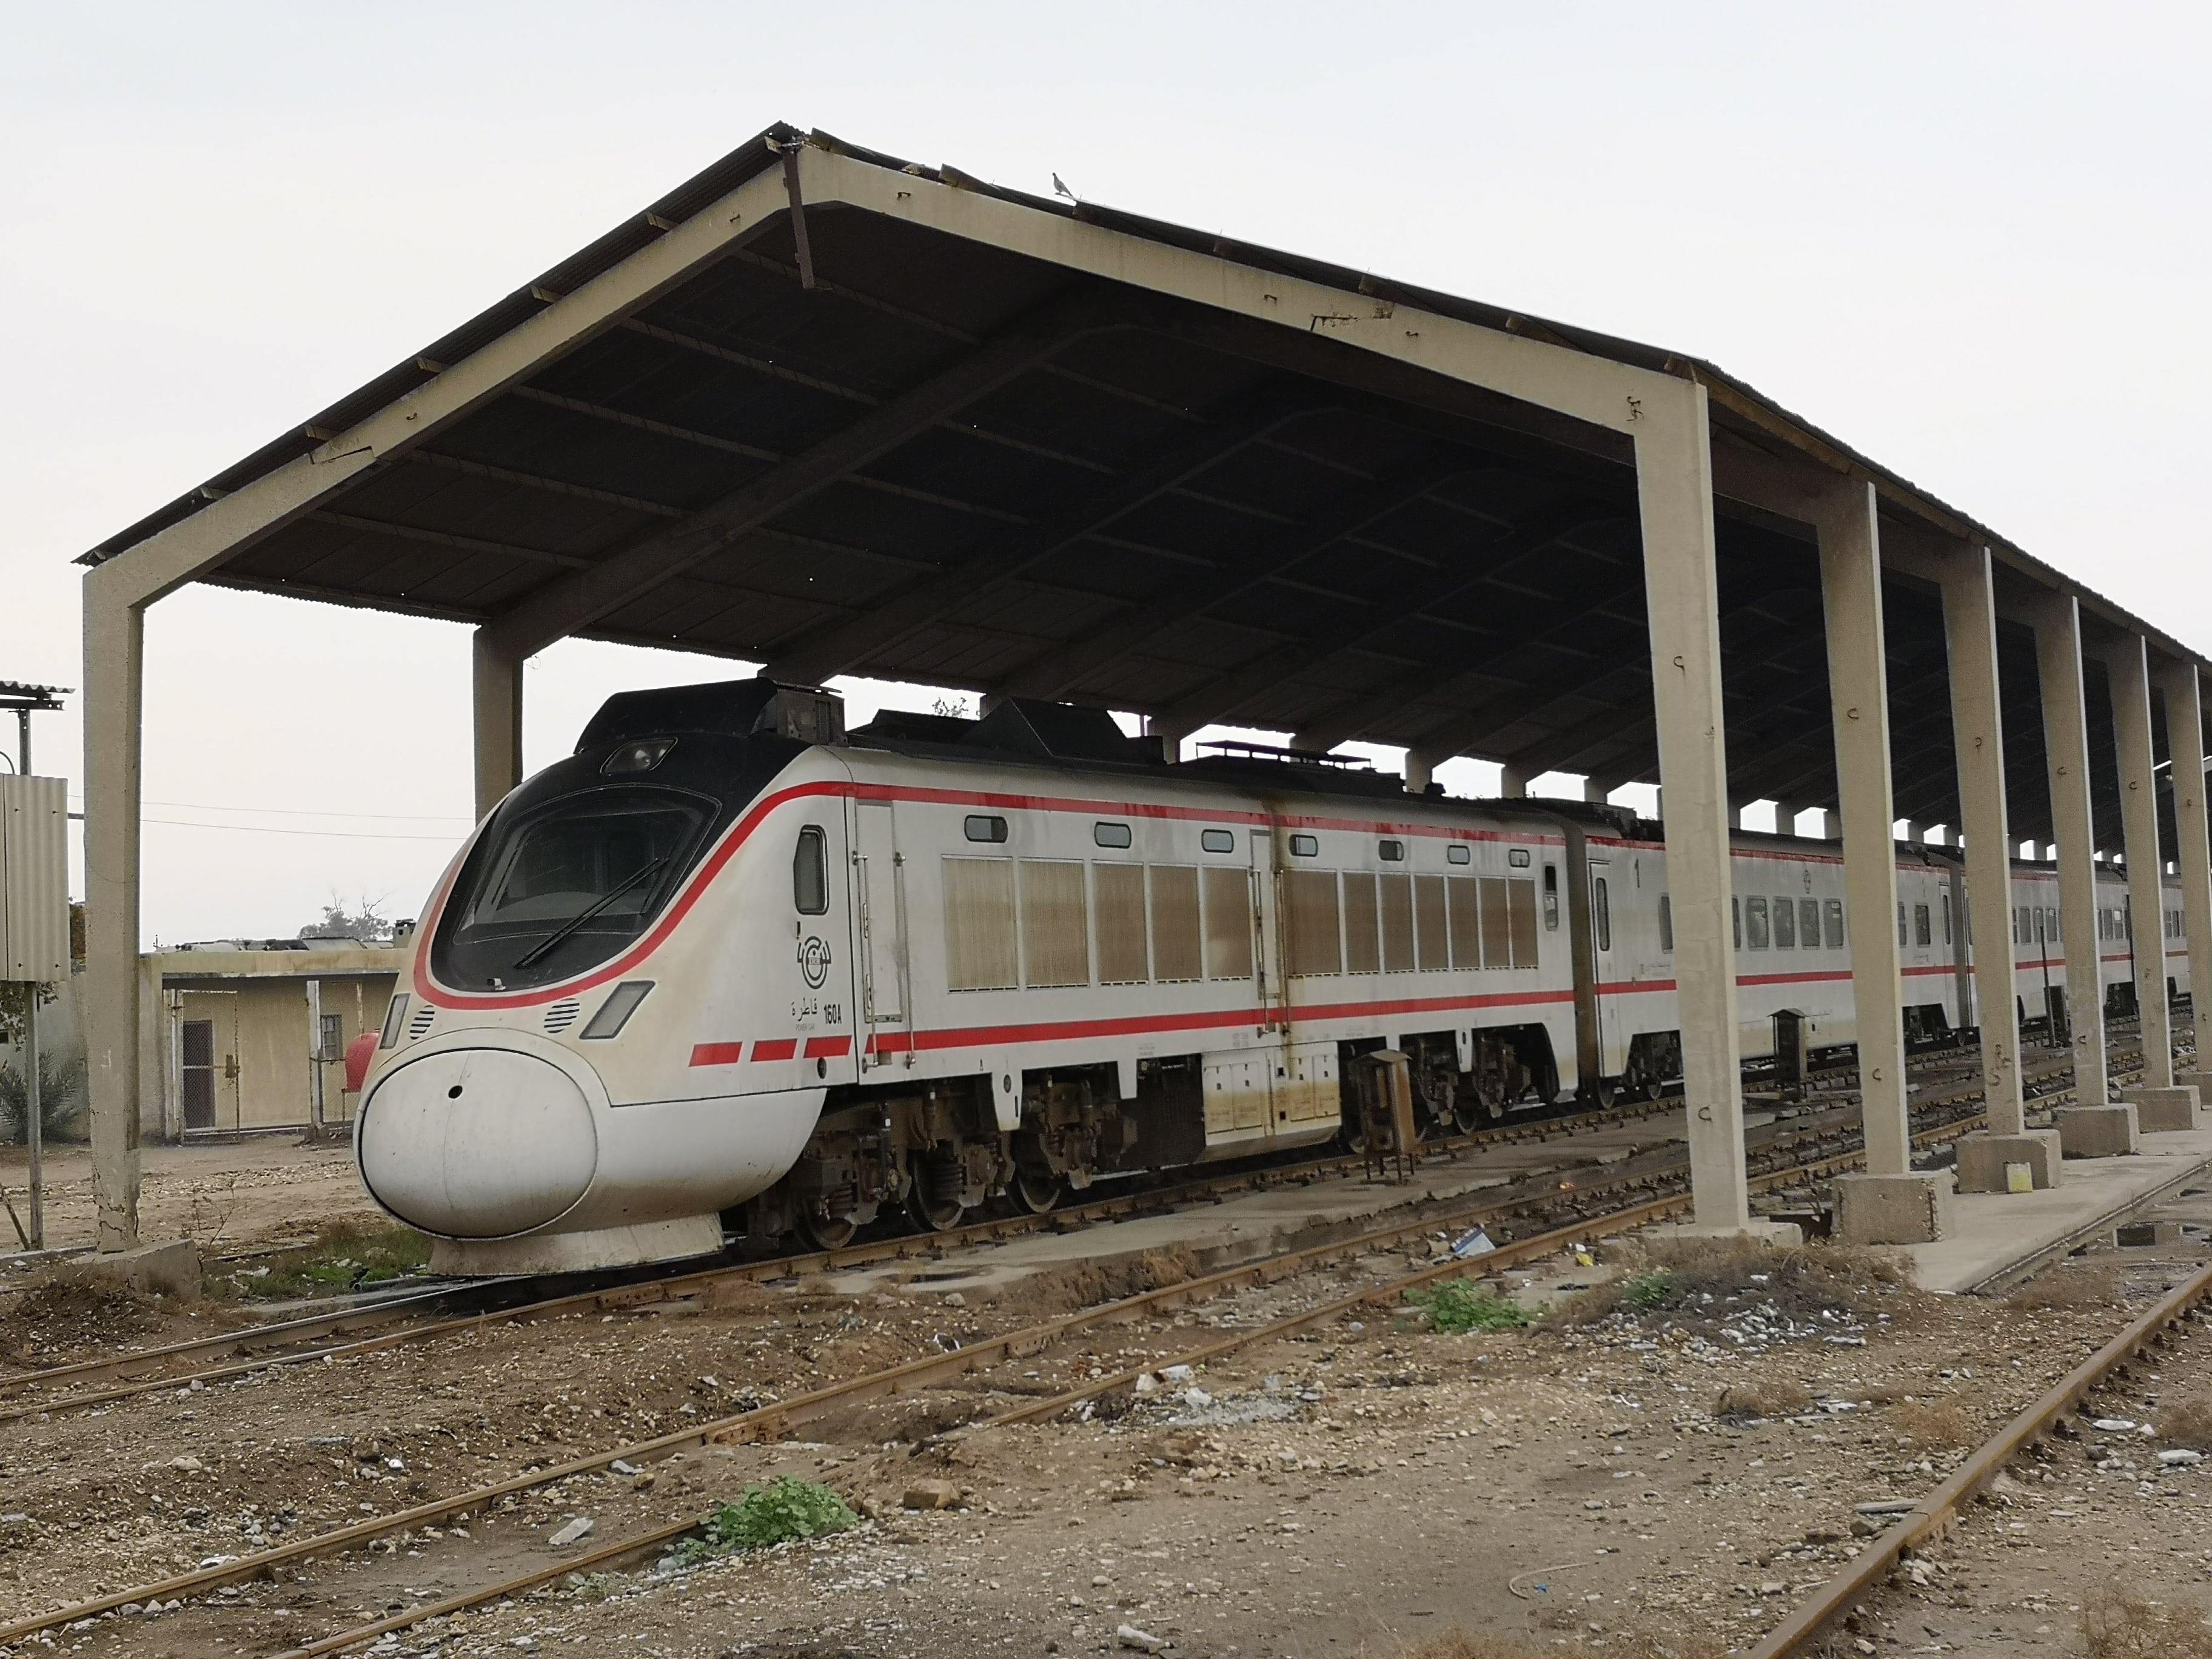 Basra to Baghdad